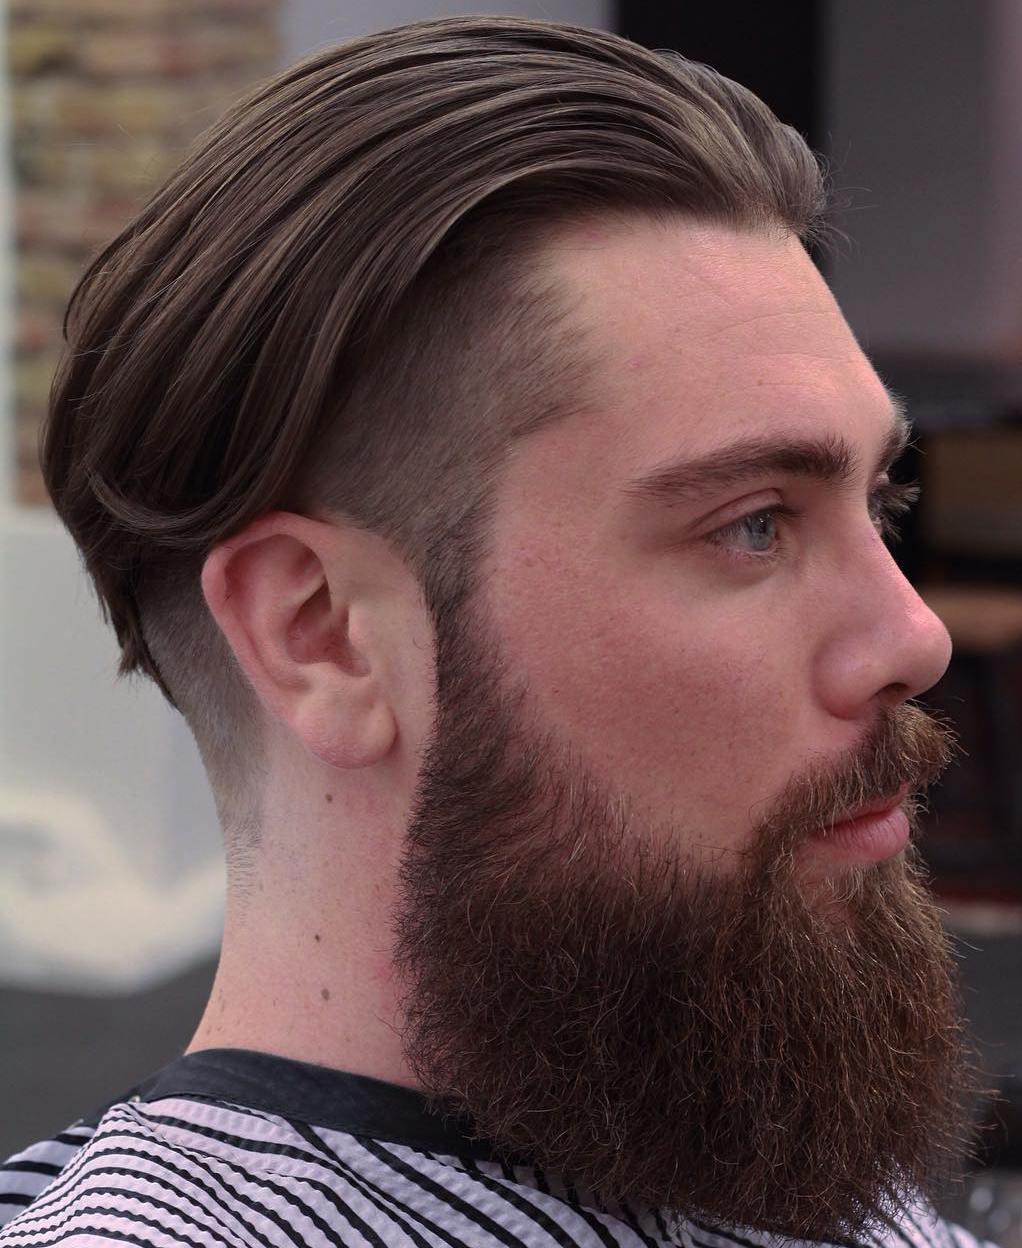 Long Top Undercut With A Full Beard